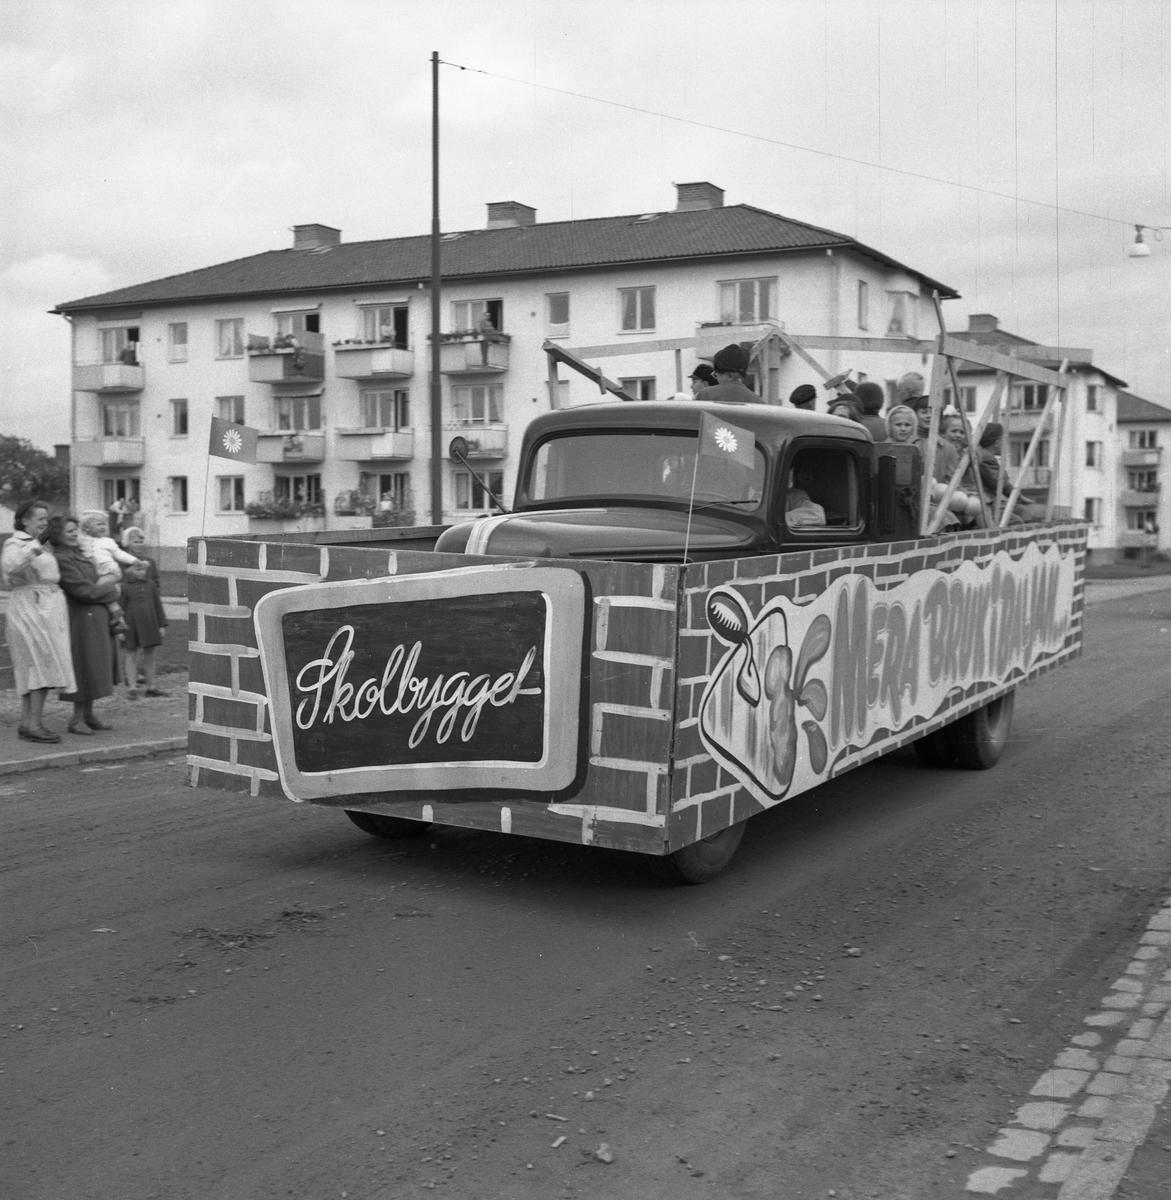 """Barnens Dag firas. En lastbid kör i paraden. """"Skolbygget"""" står det på en skylt i fronten. På flaket sitter flera barn. (Skolbygget kan syftas på Gäddgårdsskolan, som stod klar i augusti 1952)."""